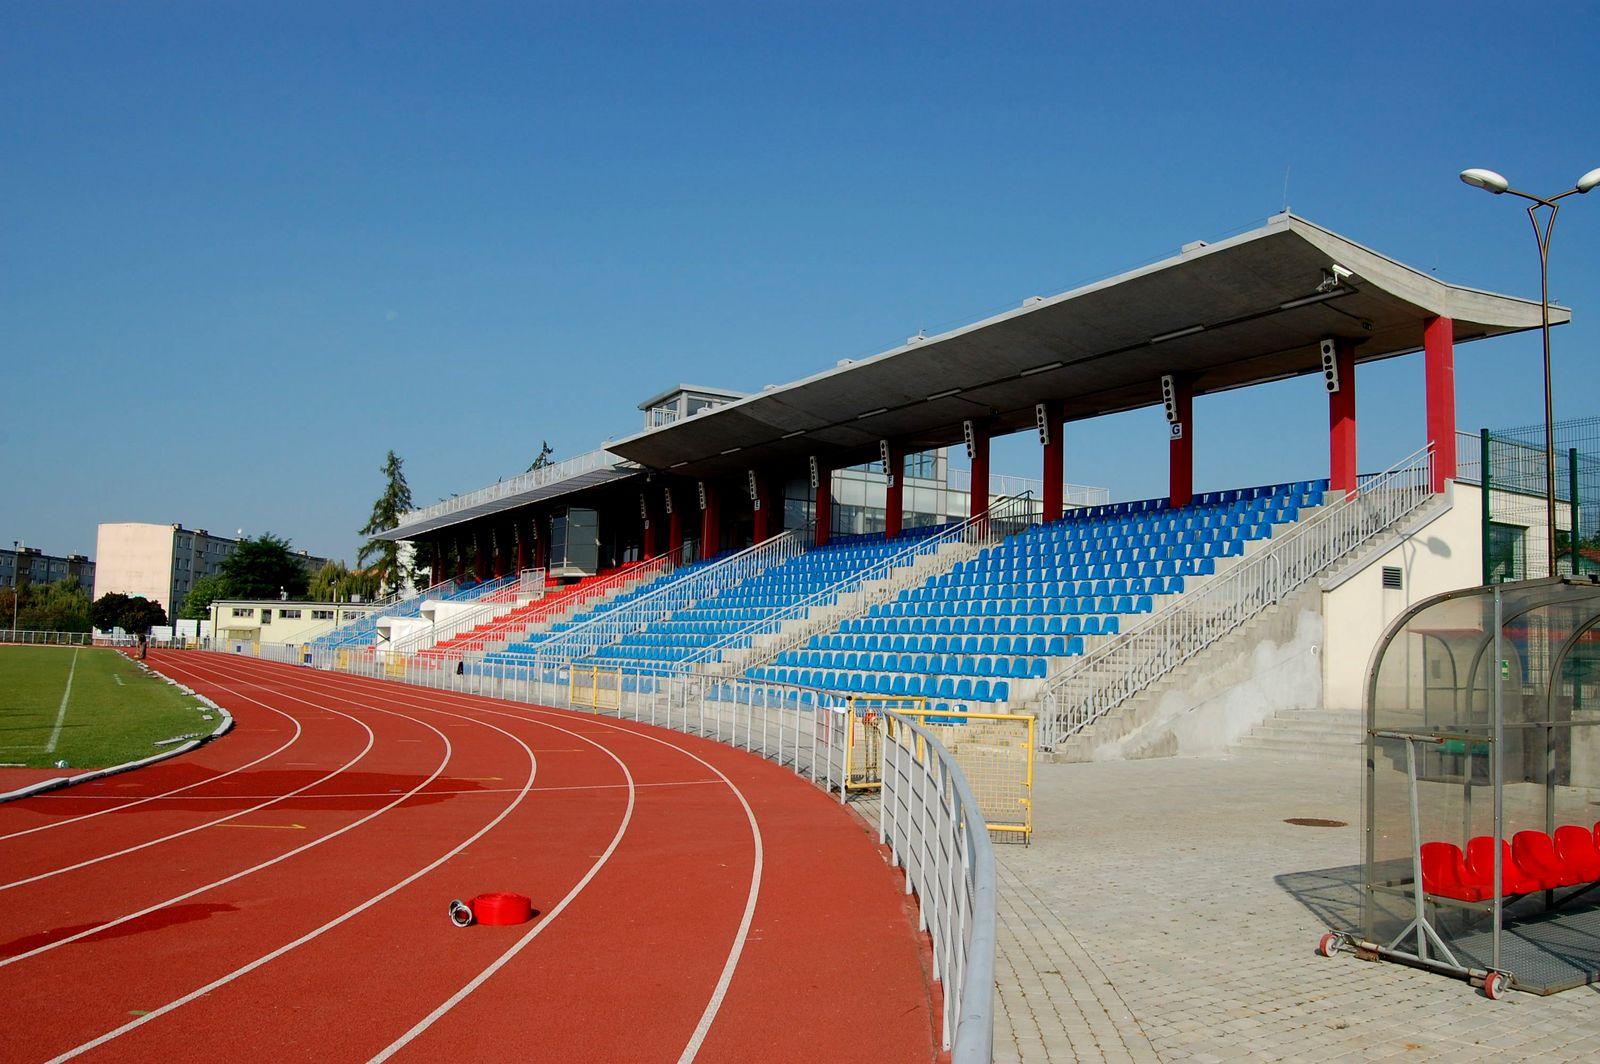 Stadion Wisły Sandomierz